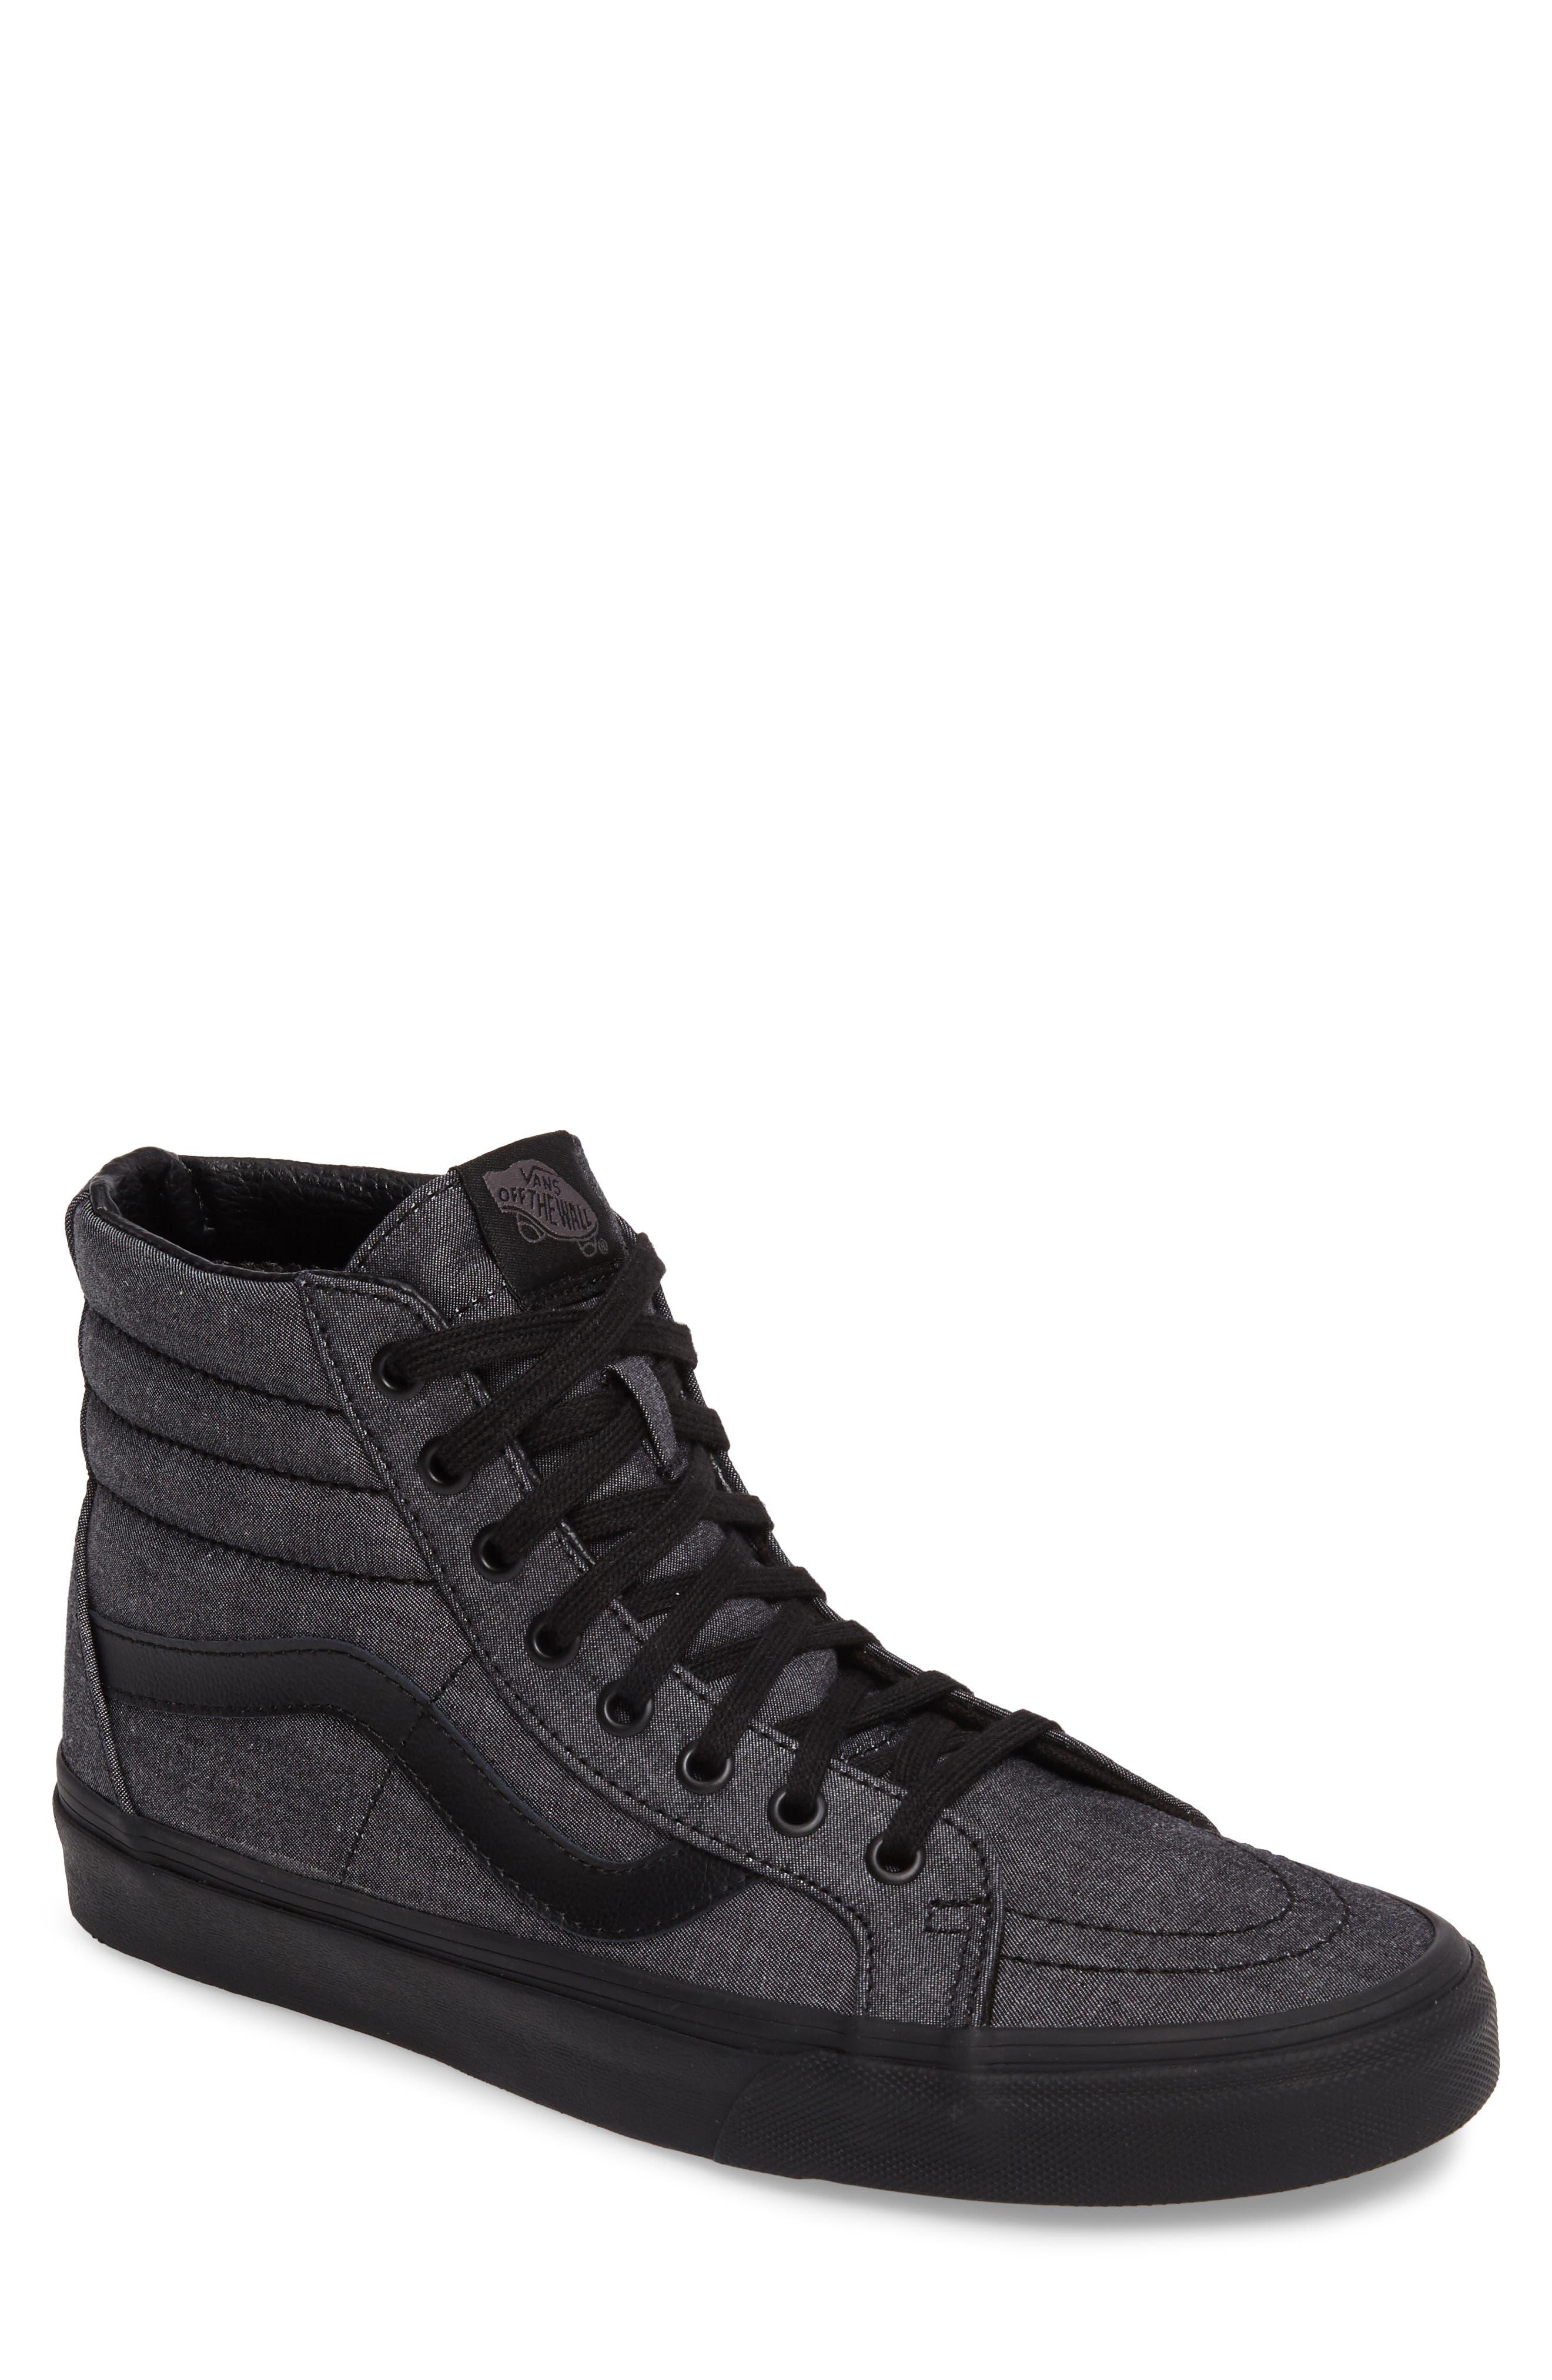 men's canvas shoes   nordstrom